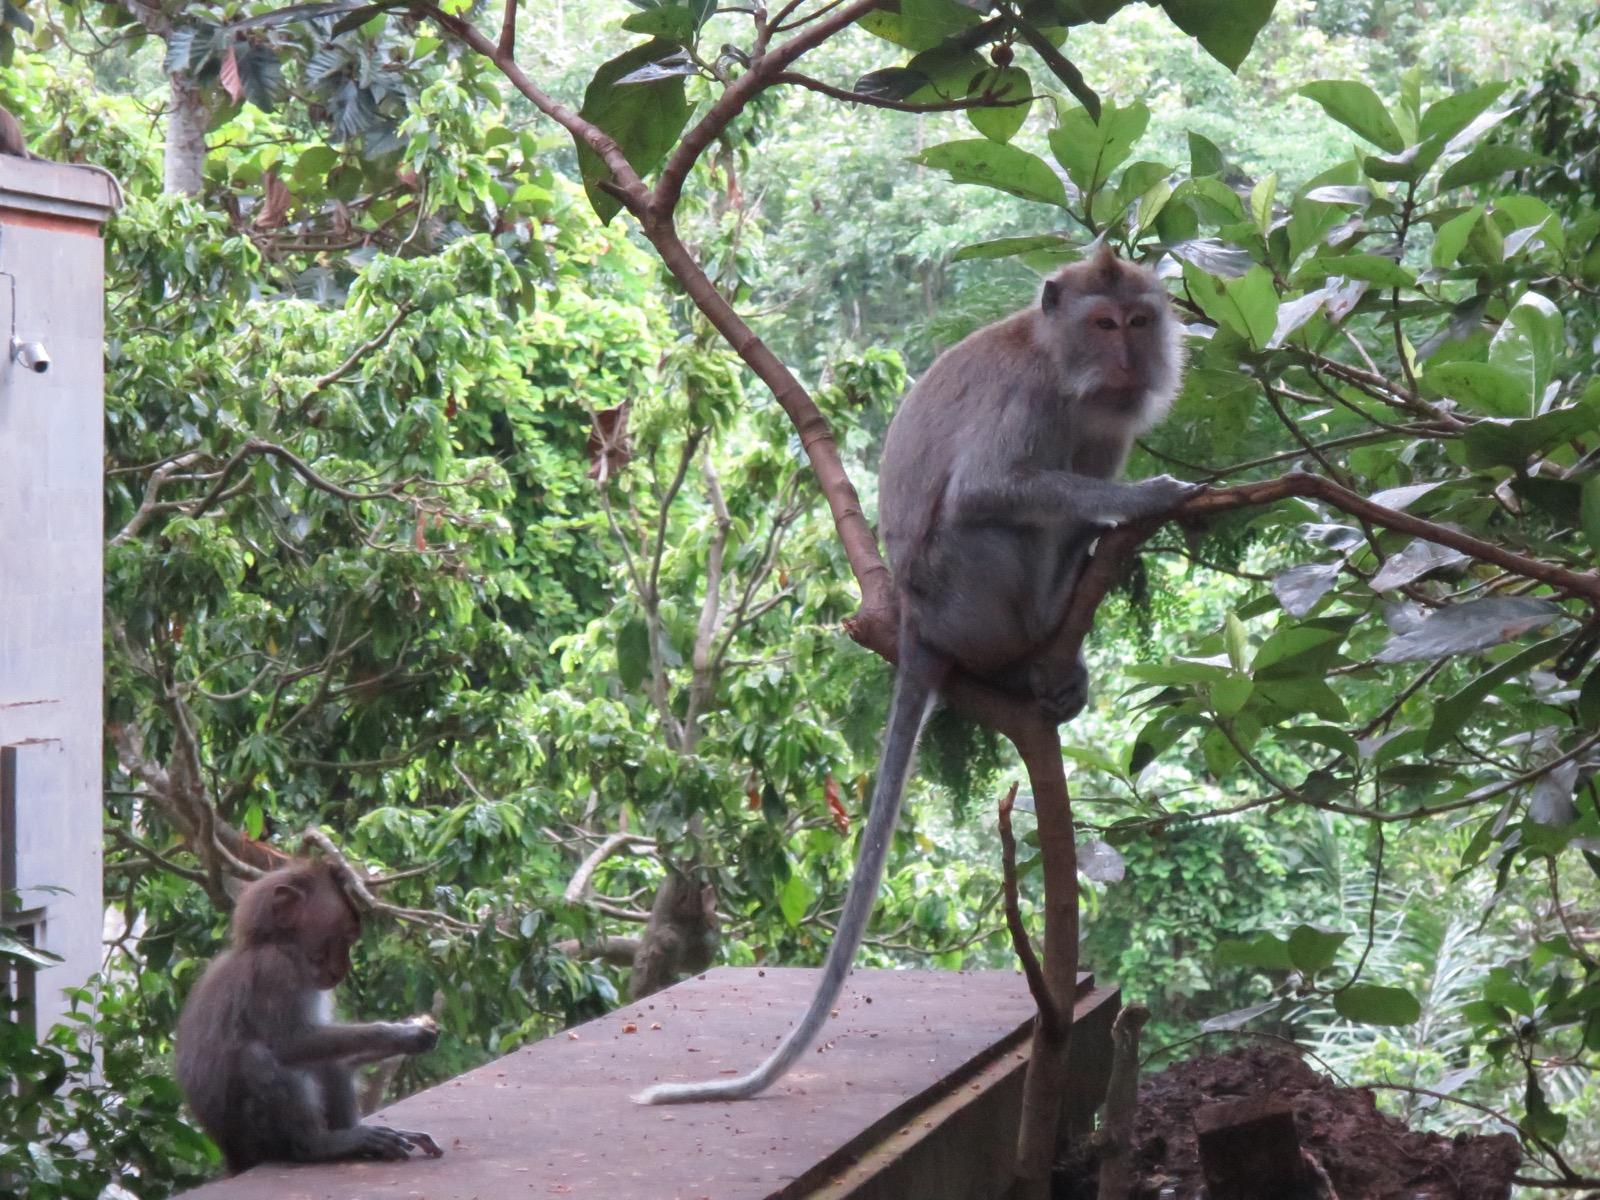 Apinametsästä